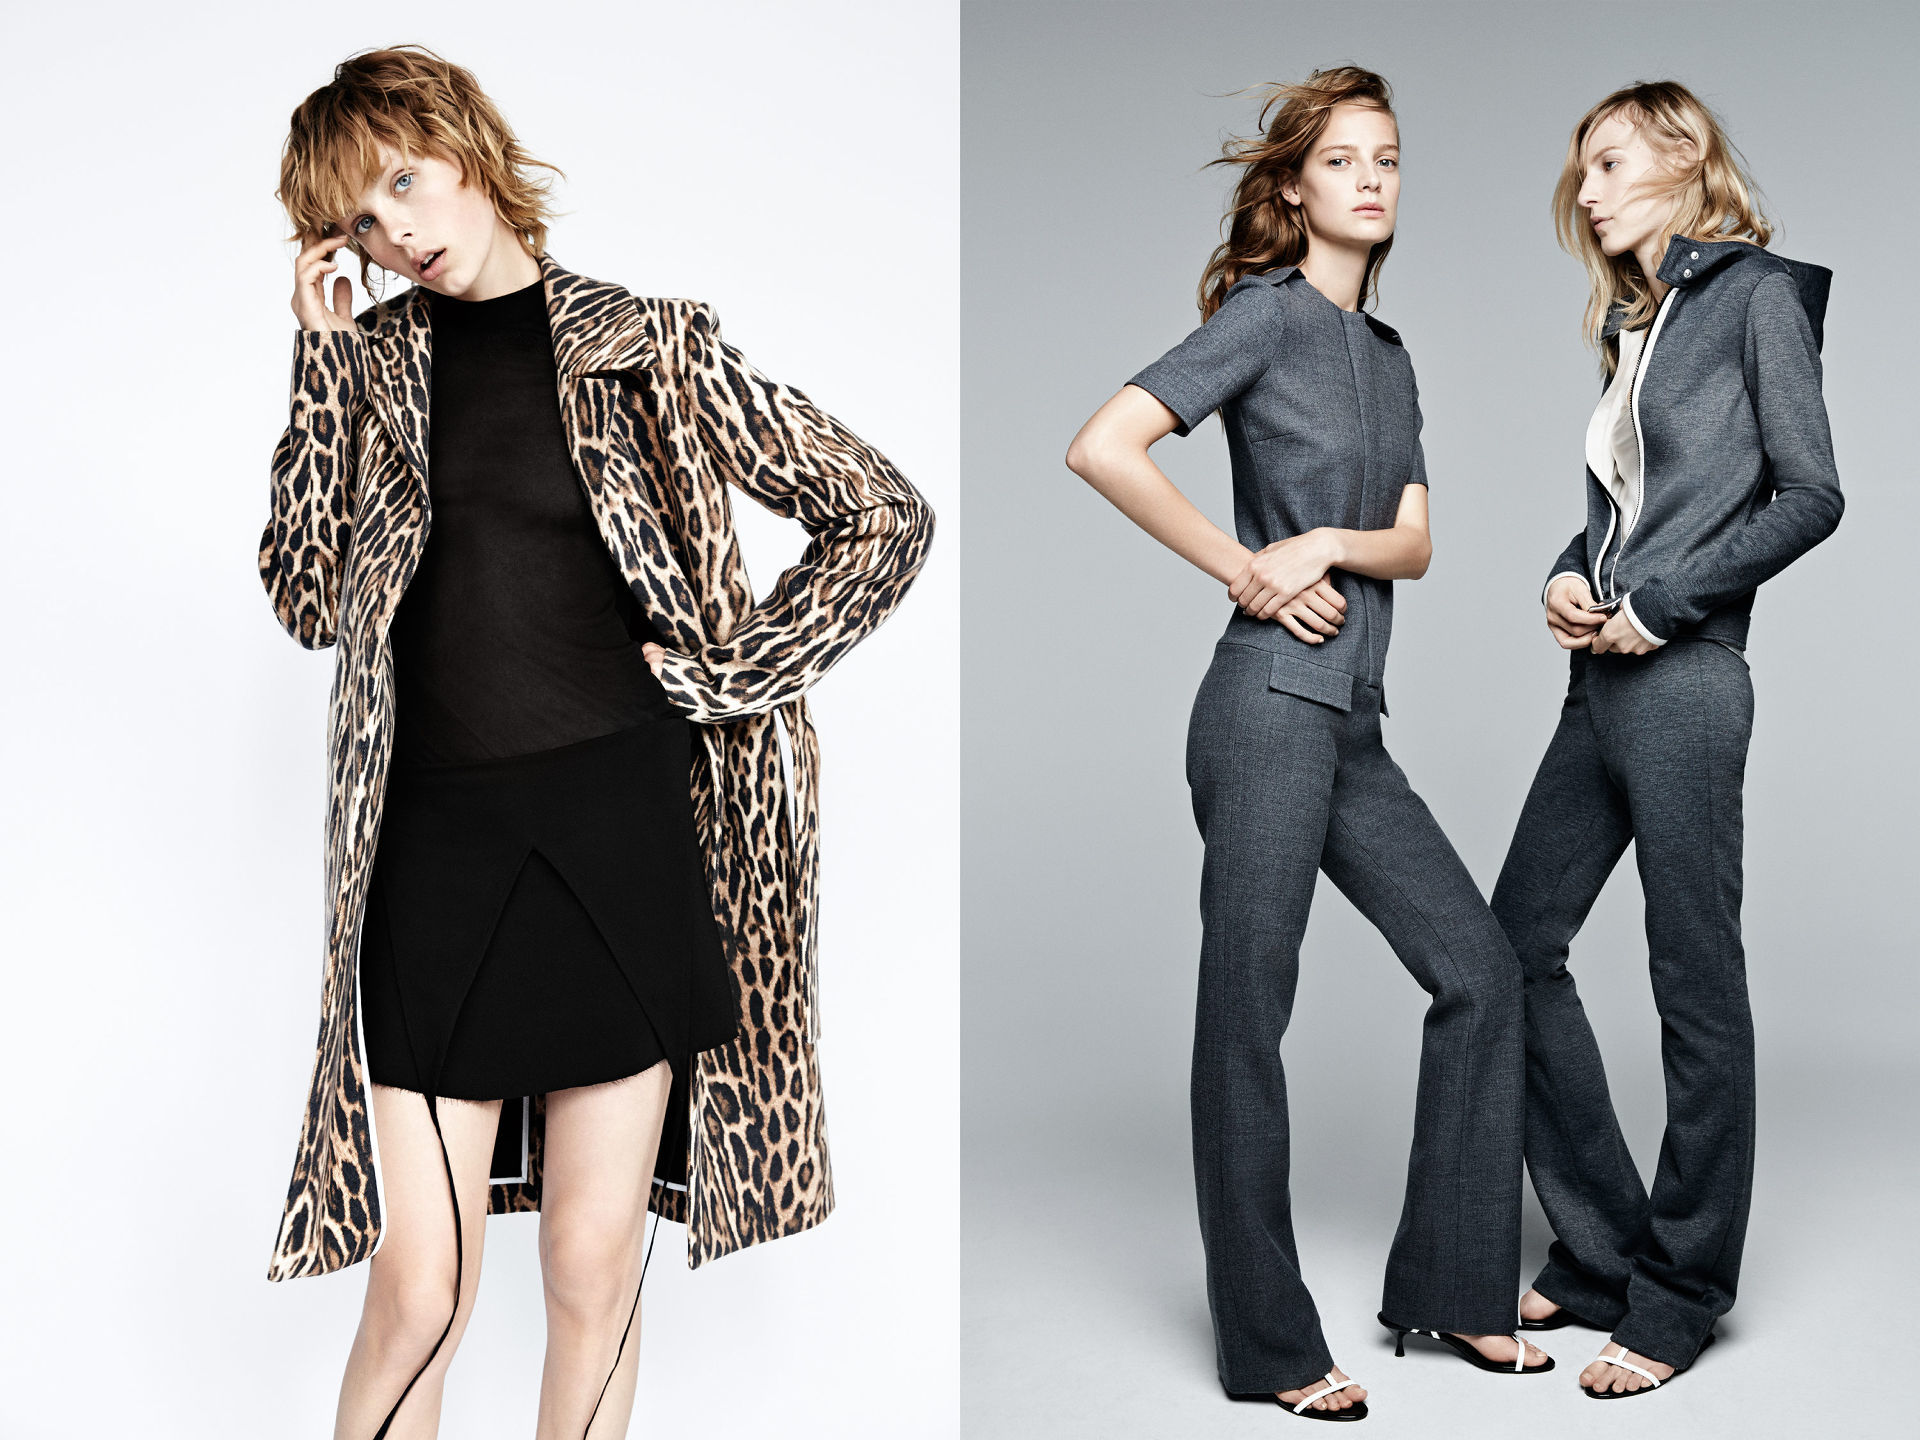 Zara catálogo Otoño-Invierno 2014/2015